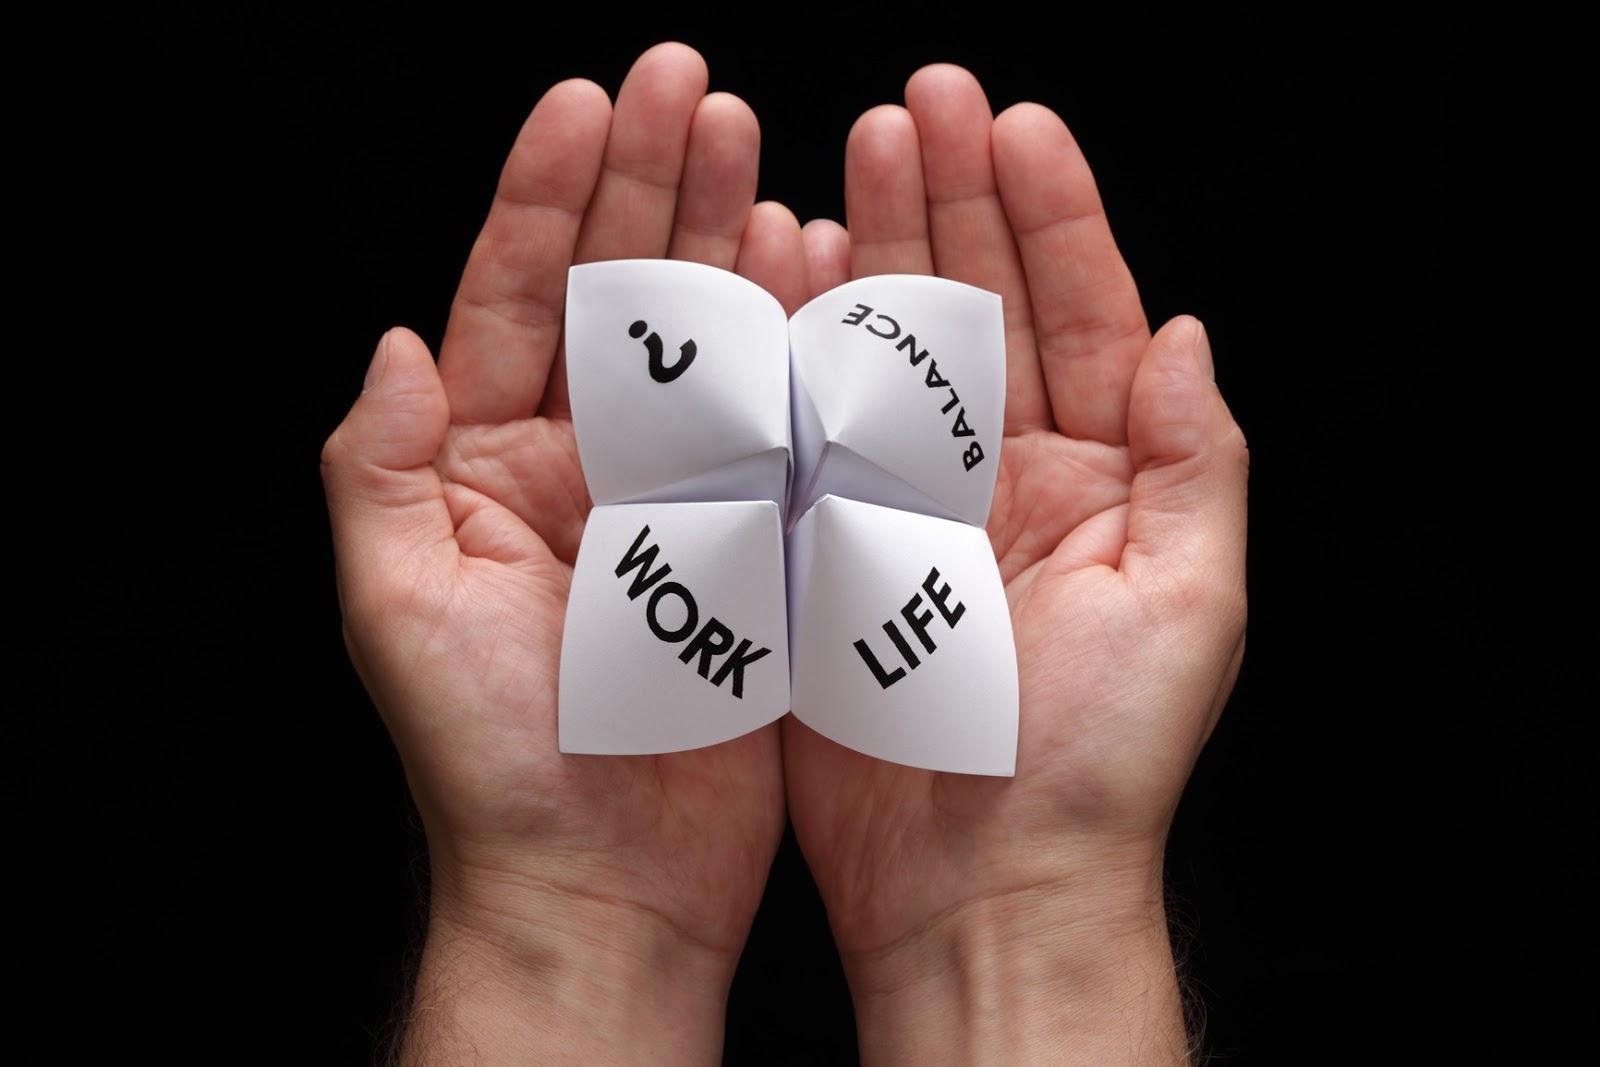 Como finalmente encontrar o equilíbrio entre vida e trabalho